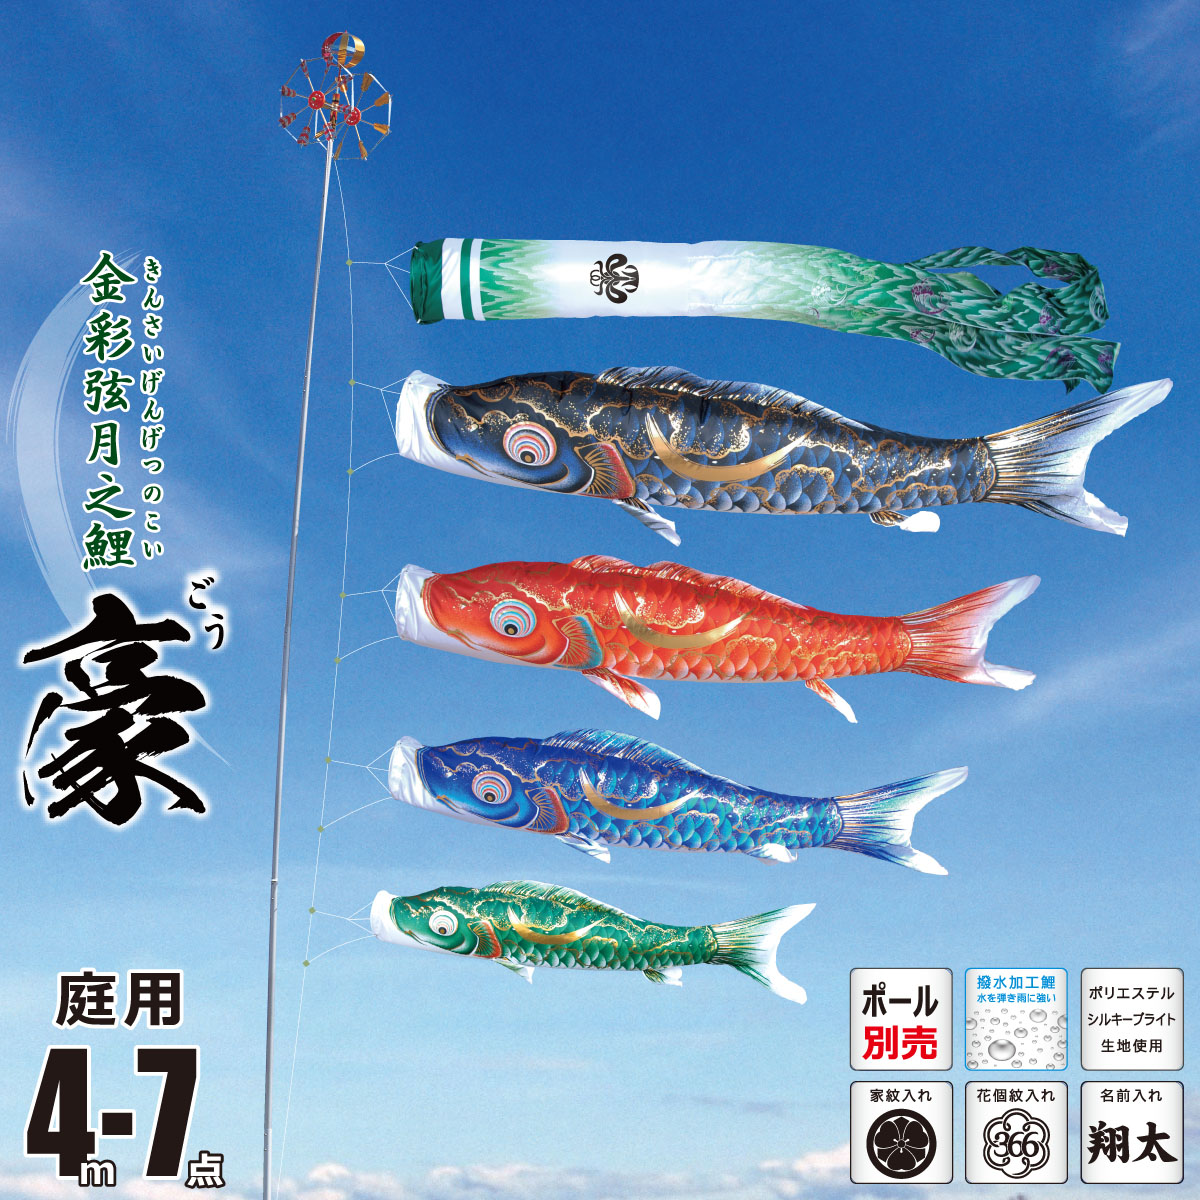 こいのぼり 4m 豪(ごう) 7点 (矢車、ロープ、吹流し、鯉4匹) 庭園用 (ポール別売り) 徳永鯉のぼり KIT-001-816